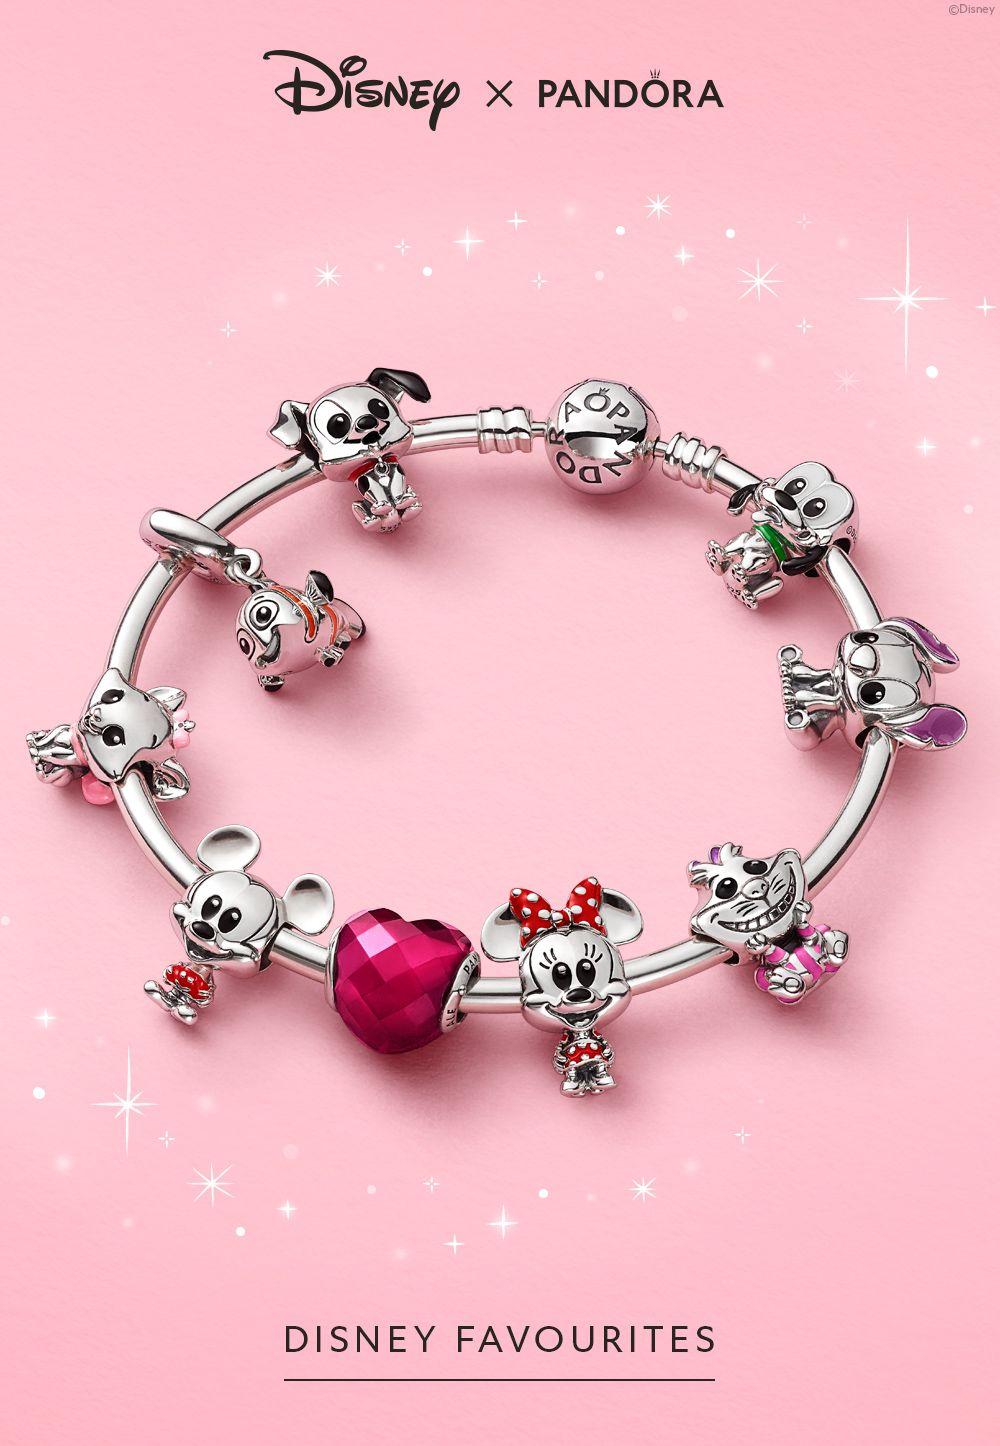 Introducing Disney Favourites | Pandora bracelet designs, Pandora ...